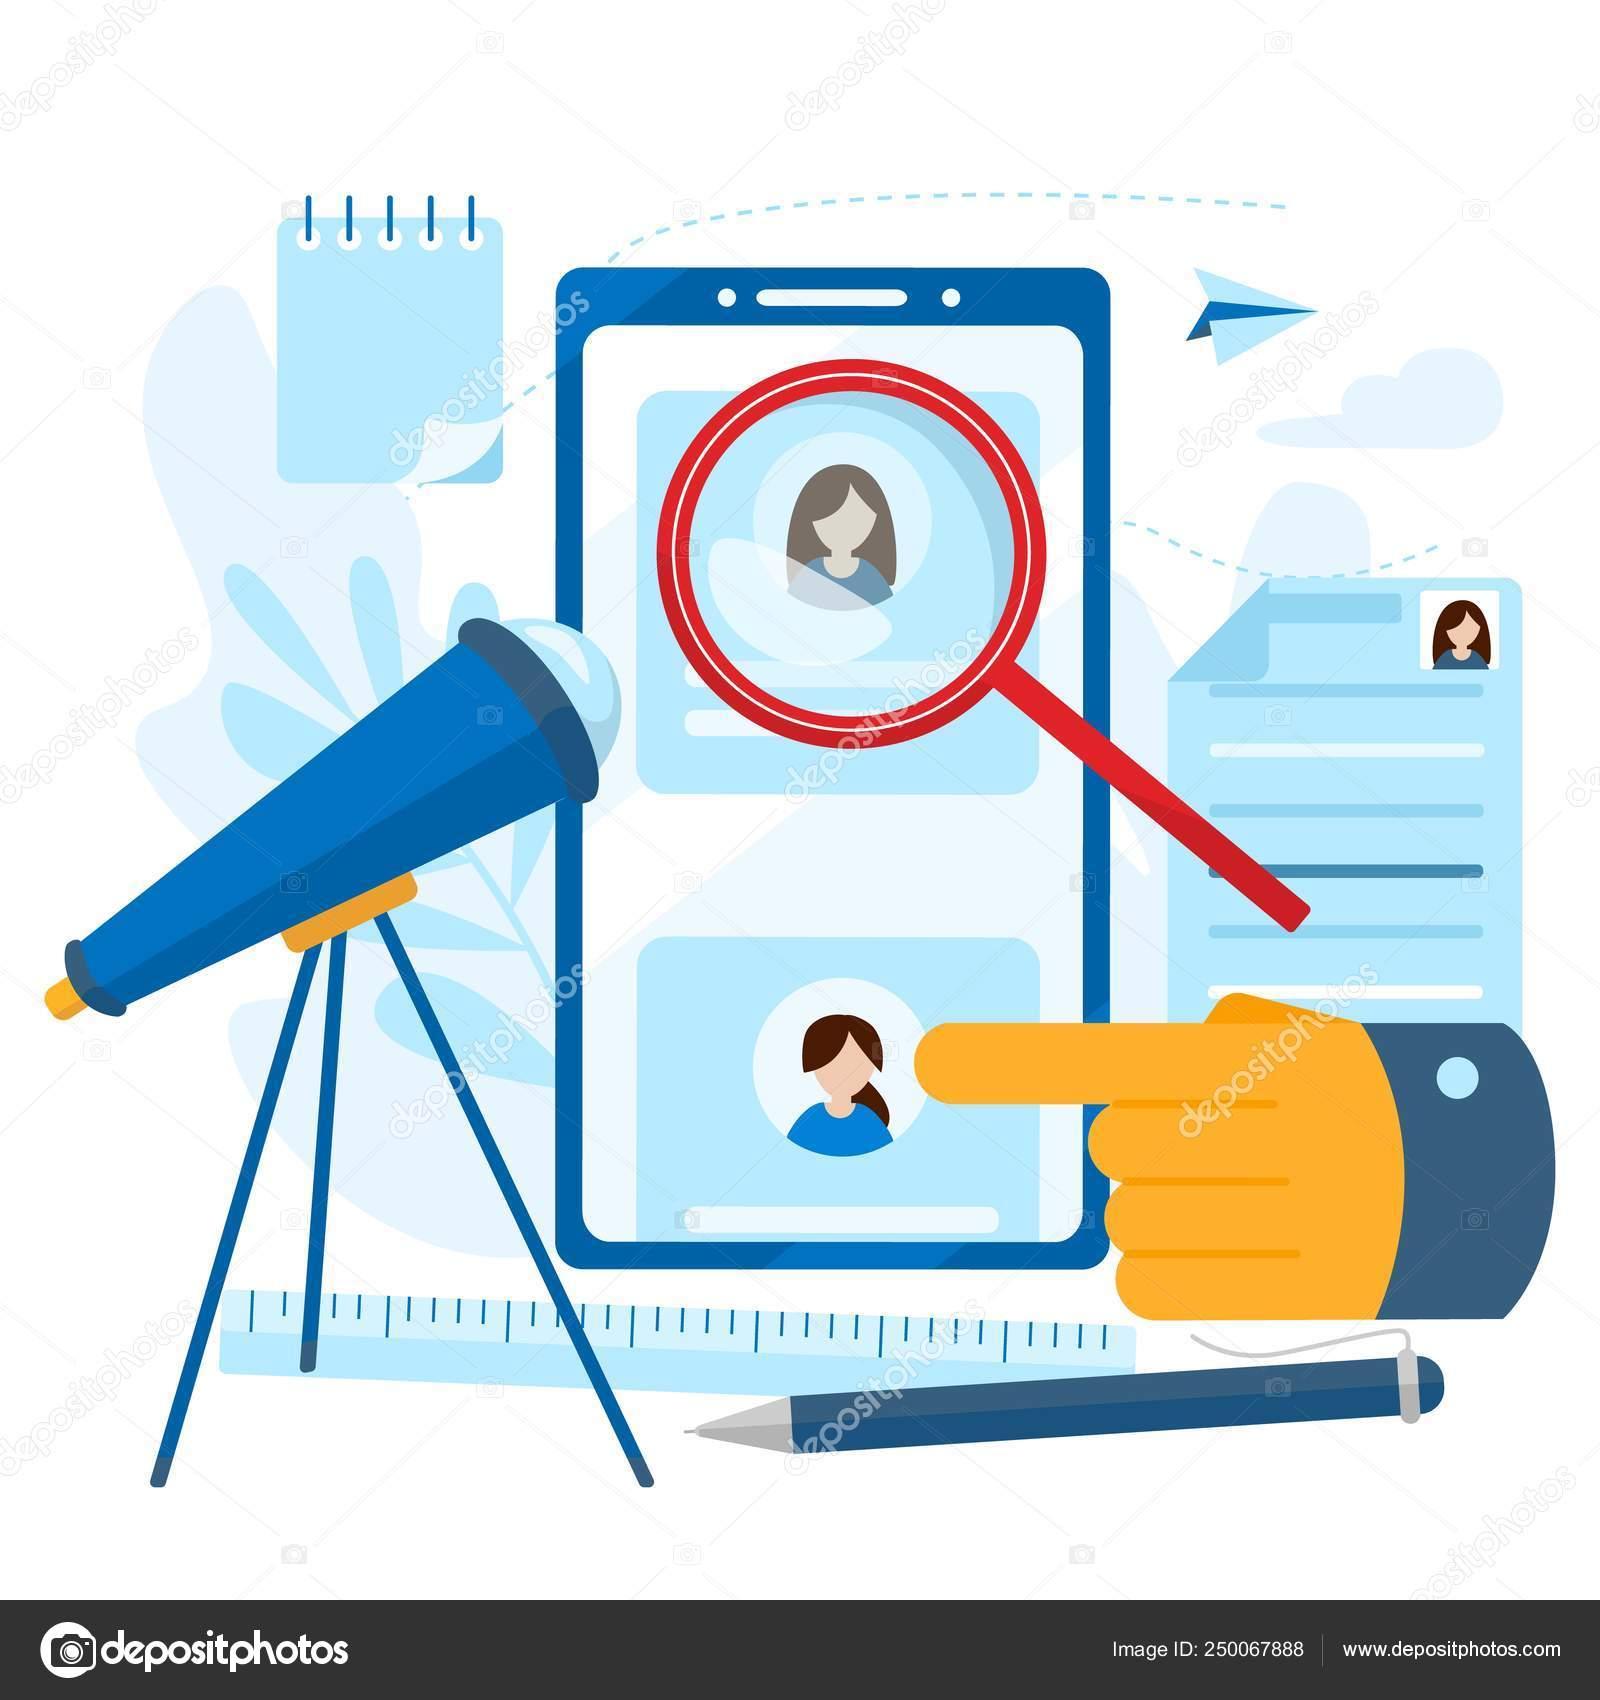 cbd745b01f3 Archivo personal del empleado. Concepto de recursos humanos, elección,  carrera, empleo, CV, búsqueda de empleo, habilidad profesional. Moderno  concepto de ...